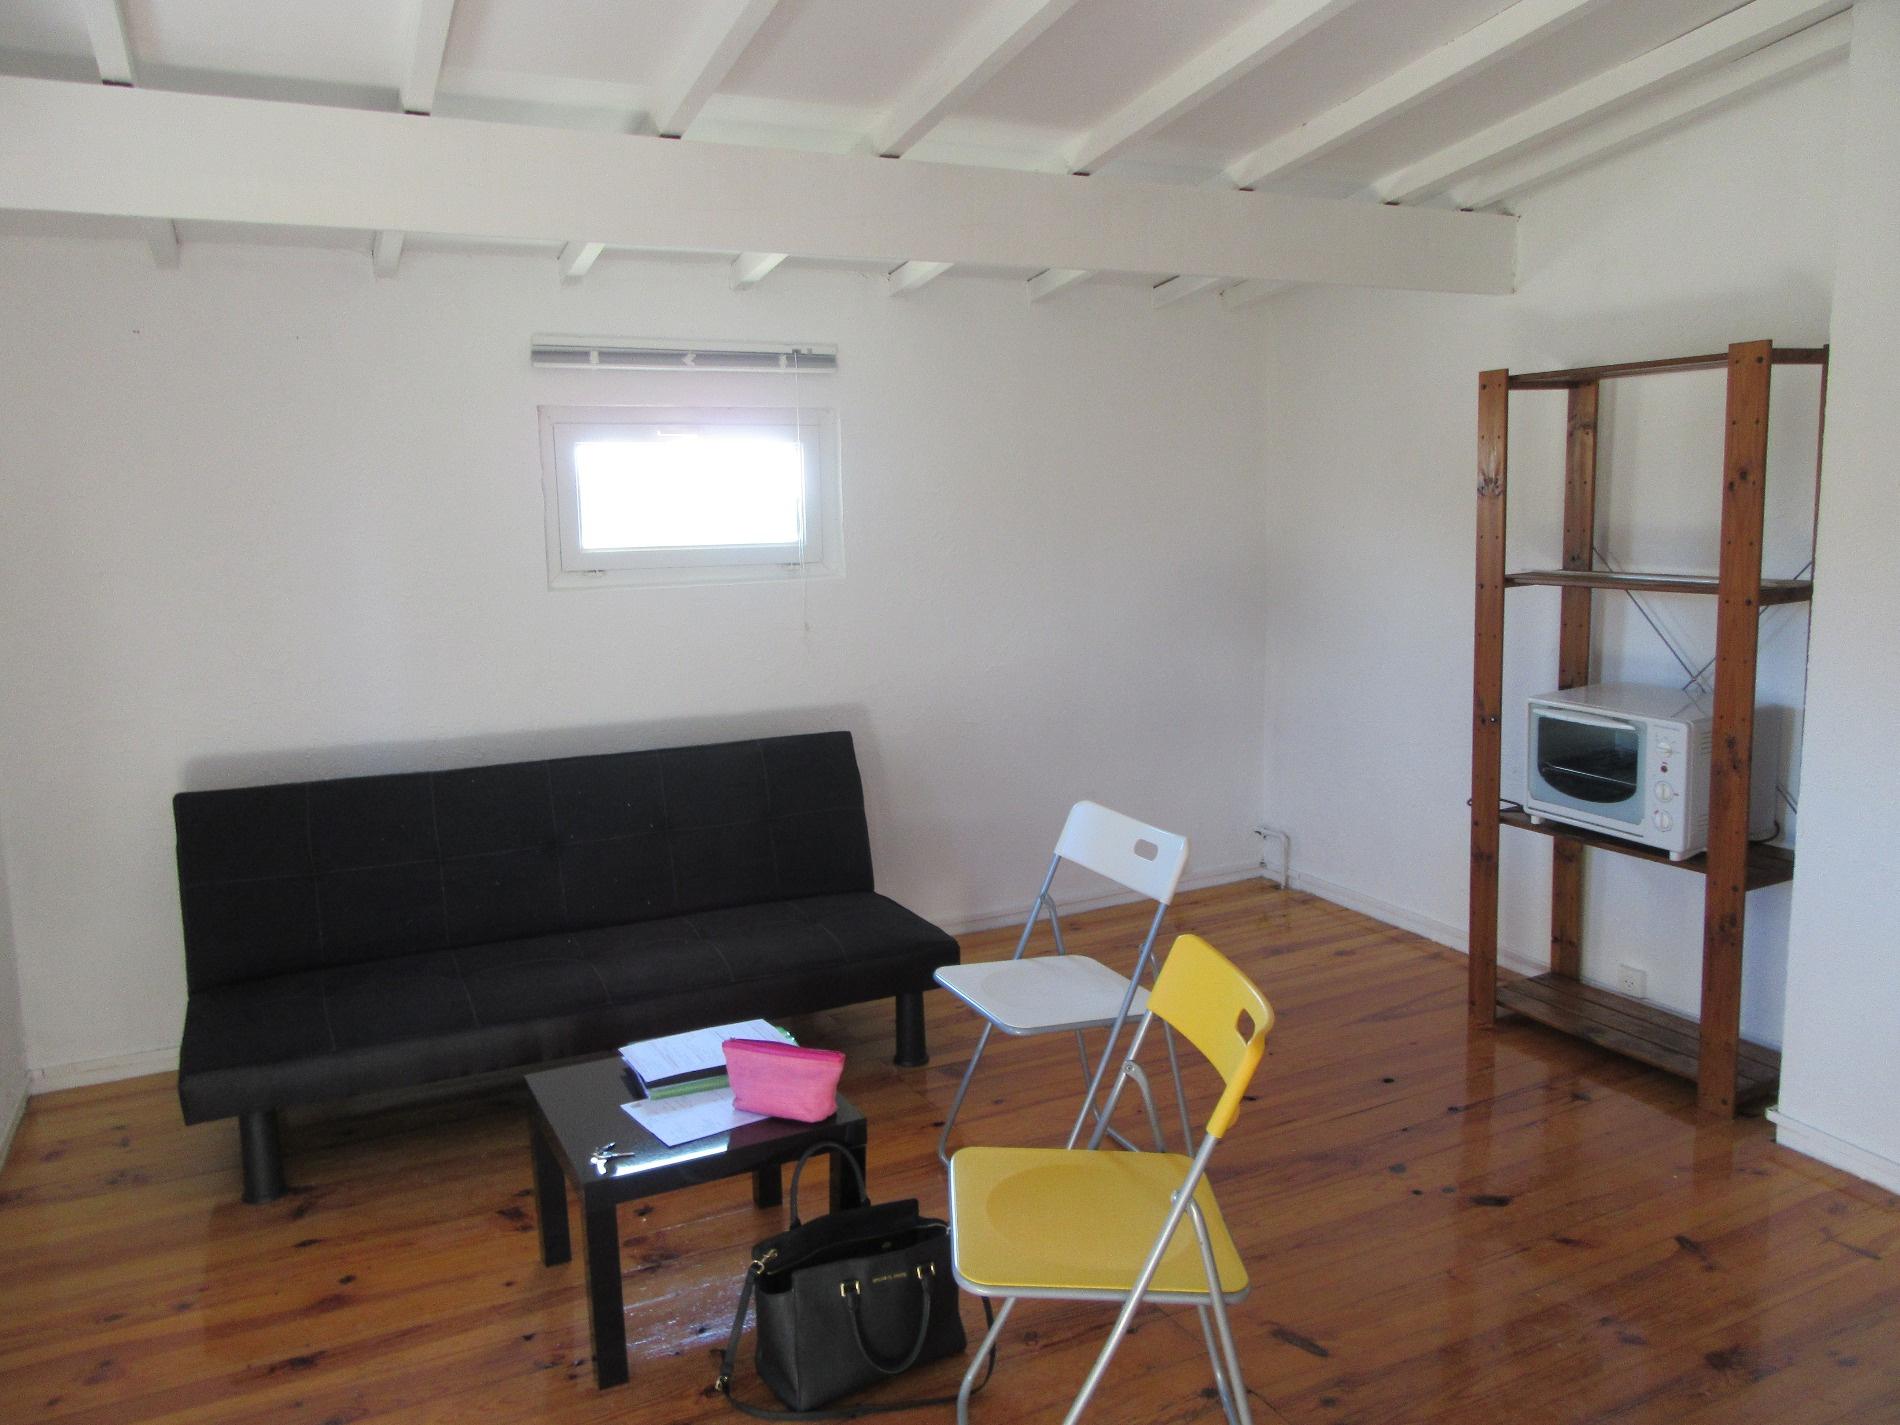 location studio meubl r nov. Black Bedroom Furniture Sets. Home Design Ideas